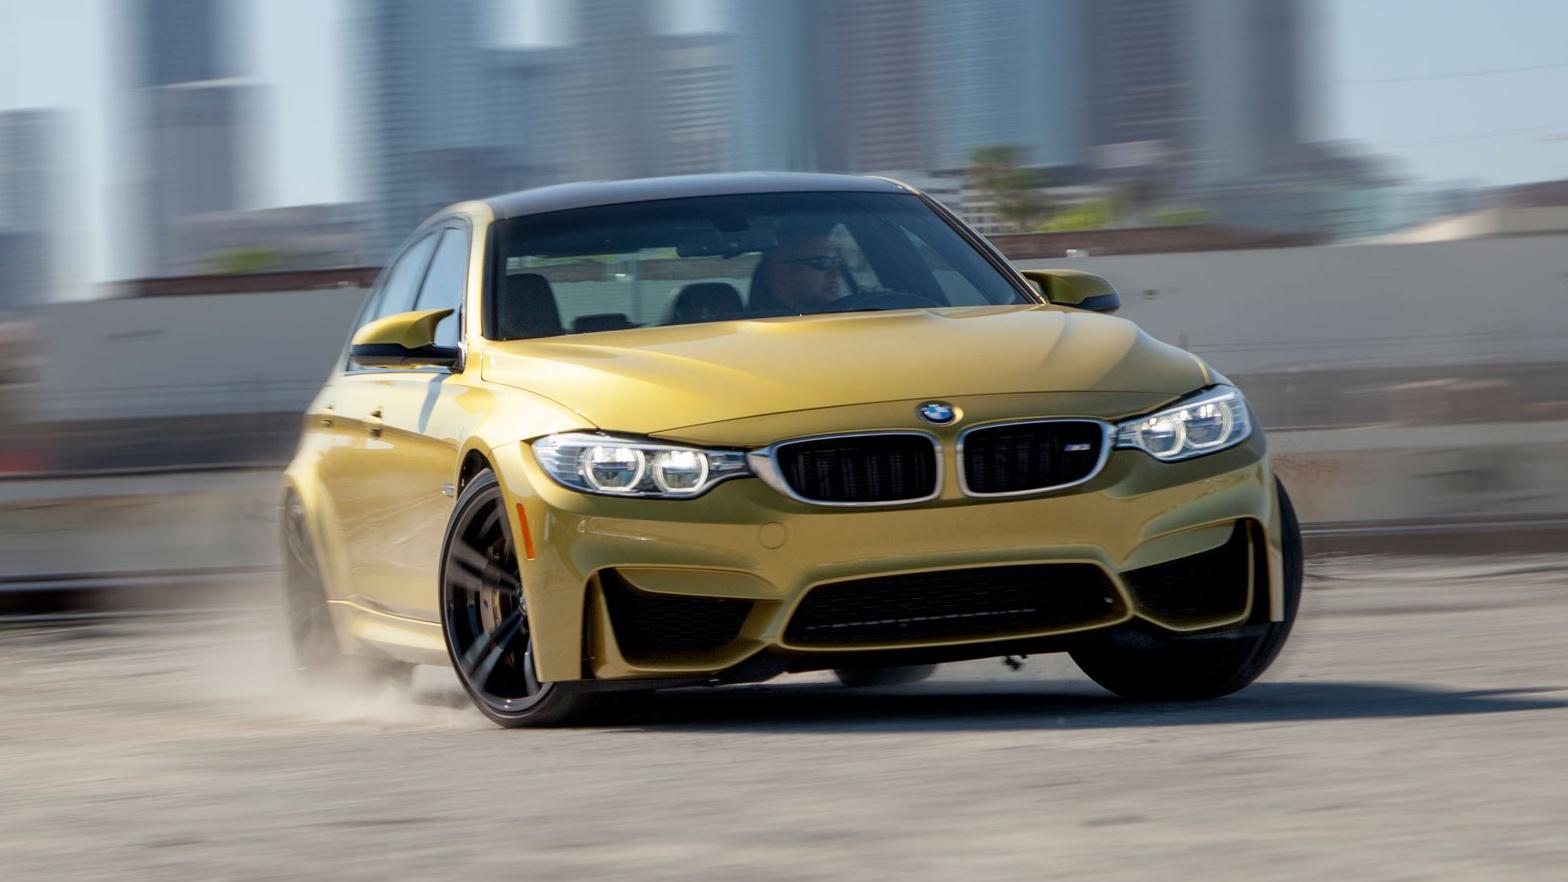 News - Next BMW M3 To Gain 370kW, AWD, Ditches Dual-Clutch